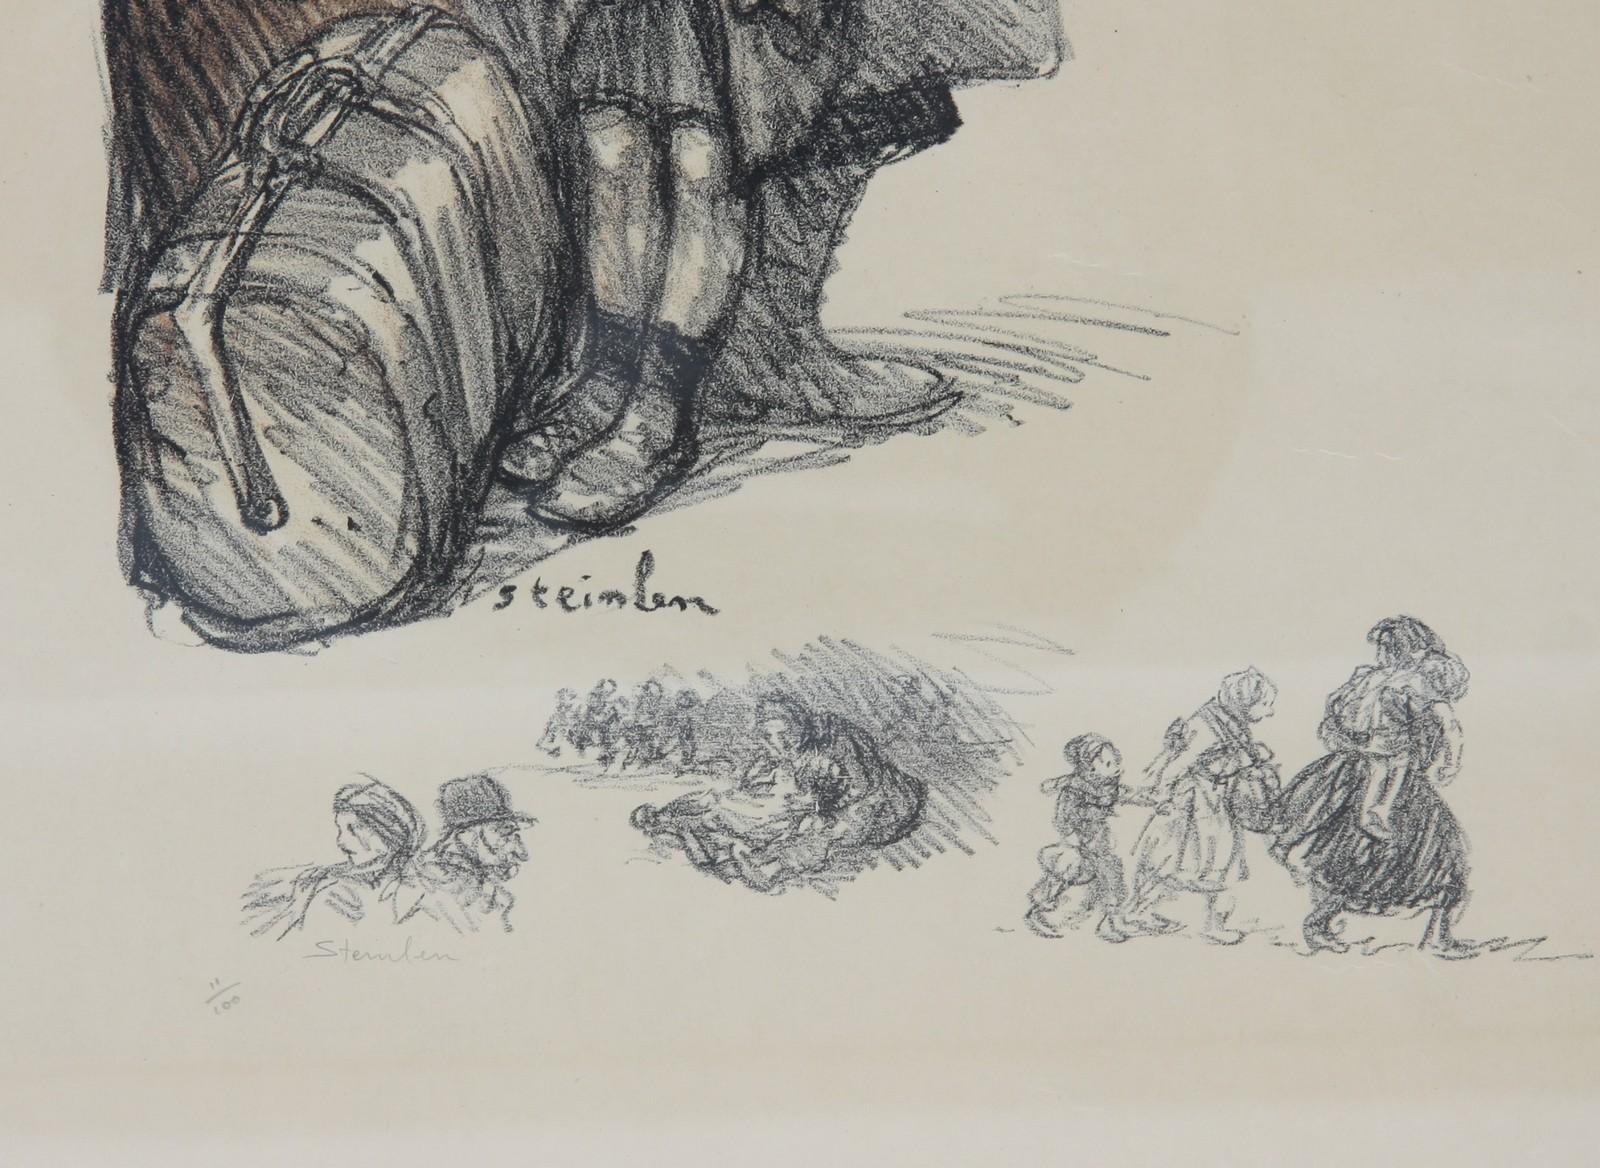 LITHOGRAPHIE DE STEINLEN En couleurs, encadrée, représentant une mère et ses deux enfants devant des - Image 2 of 2